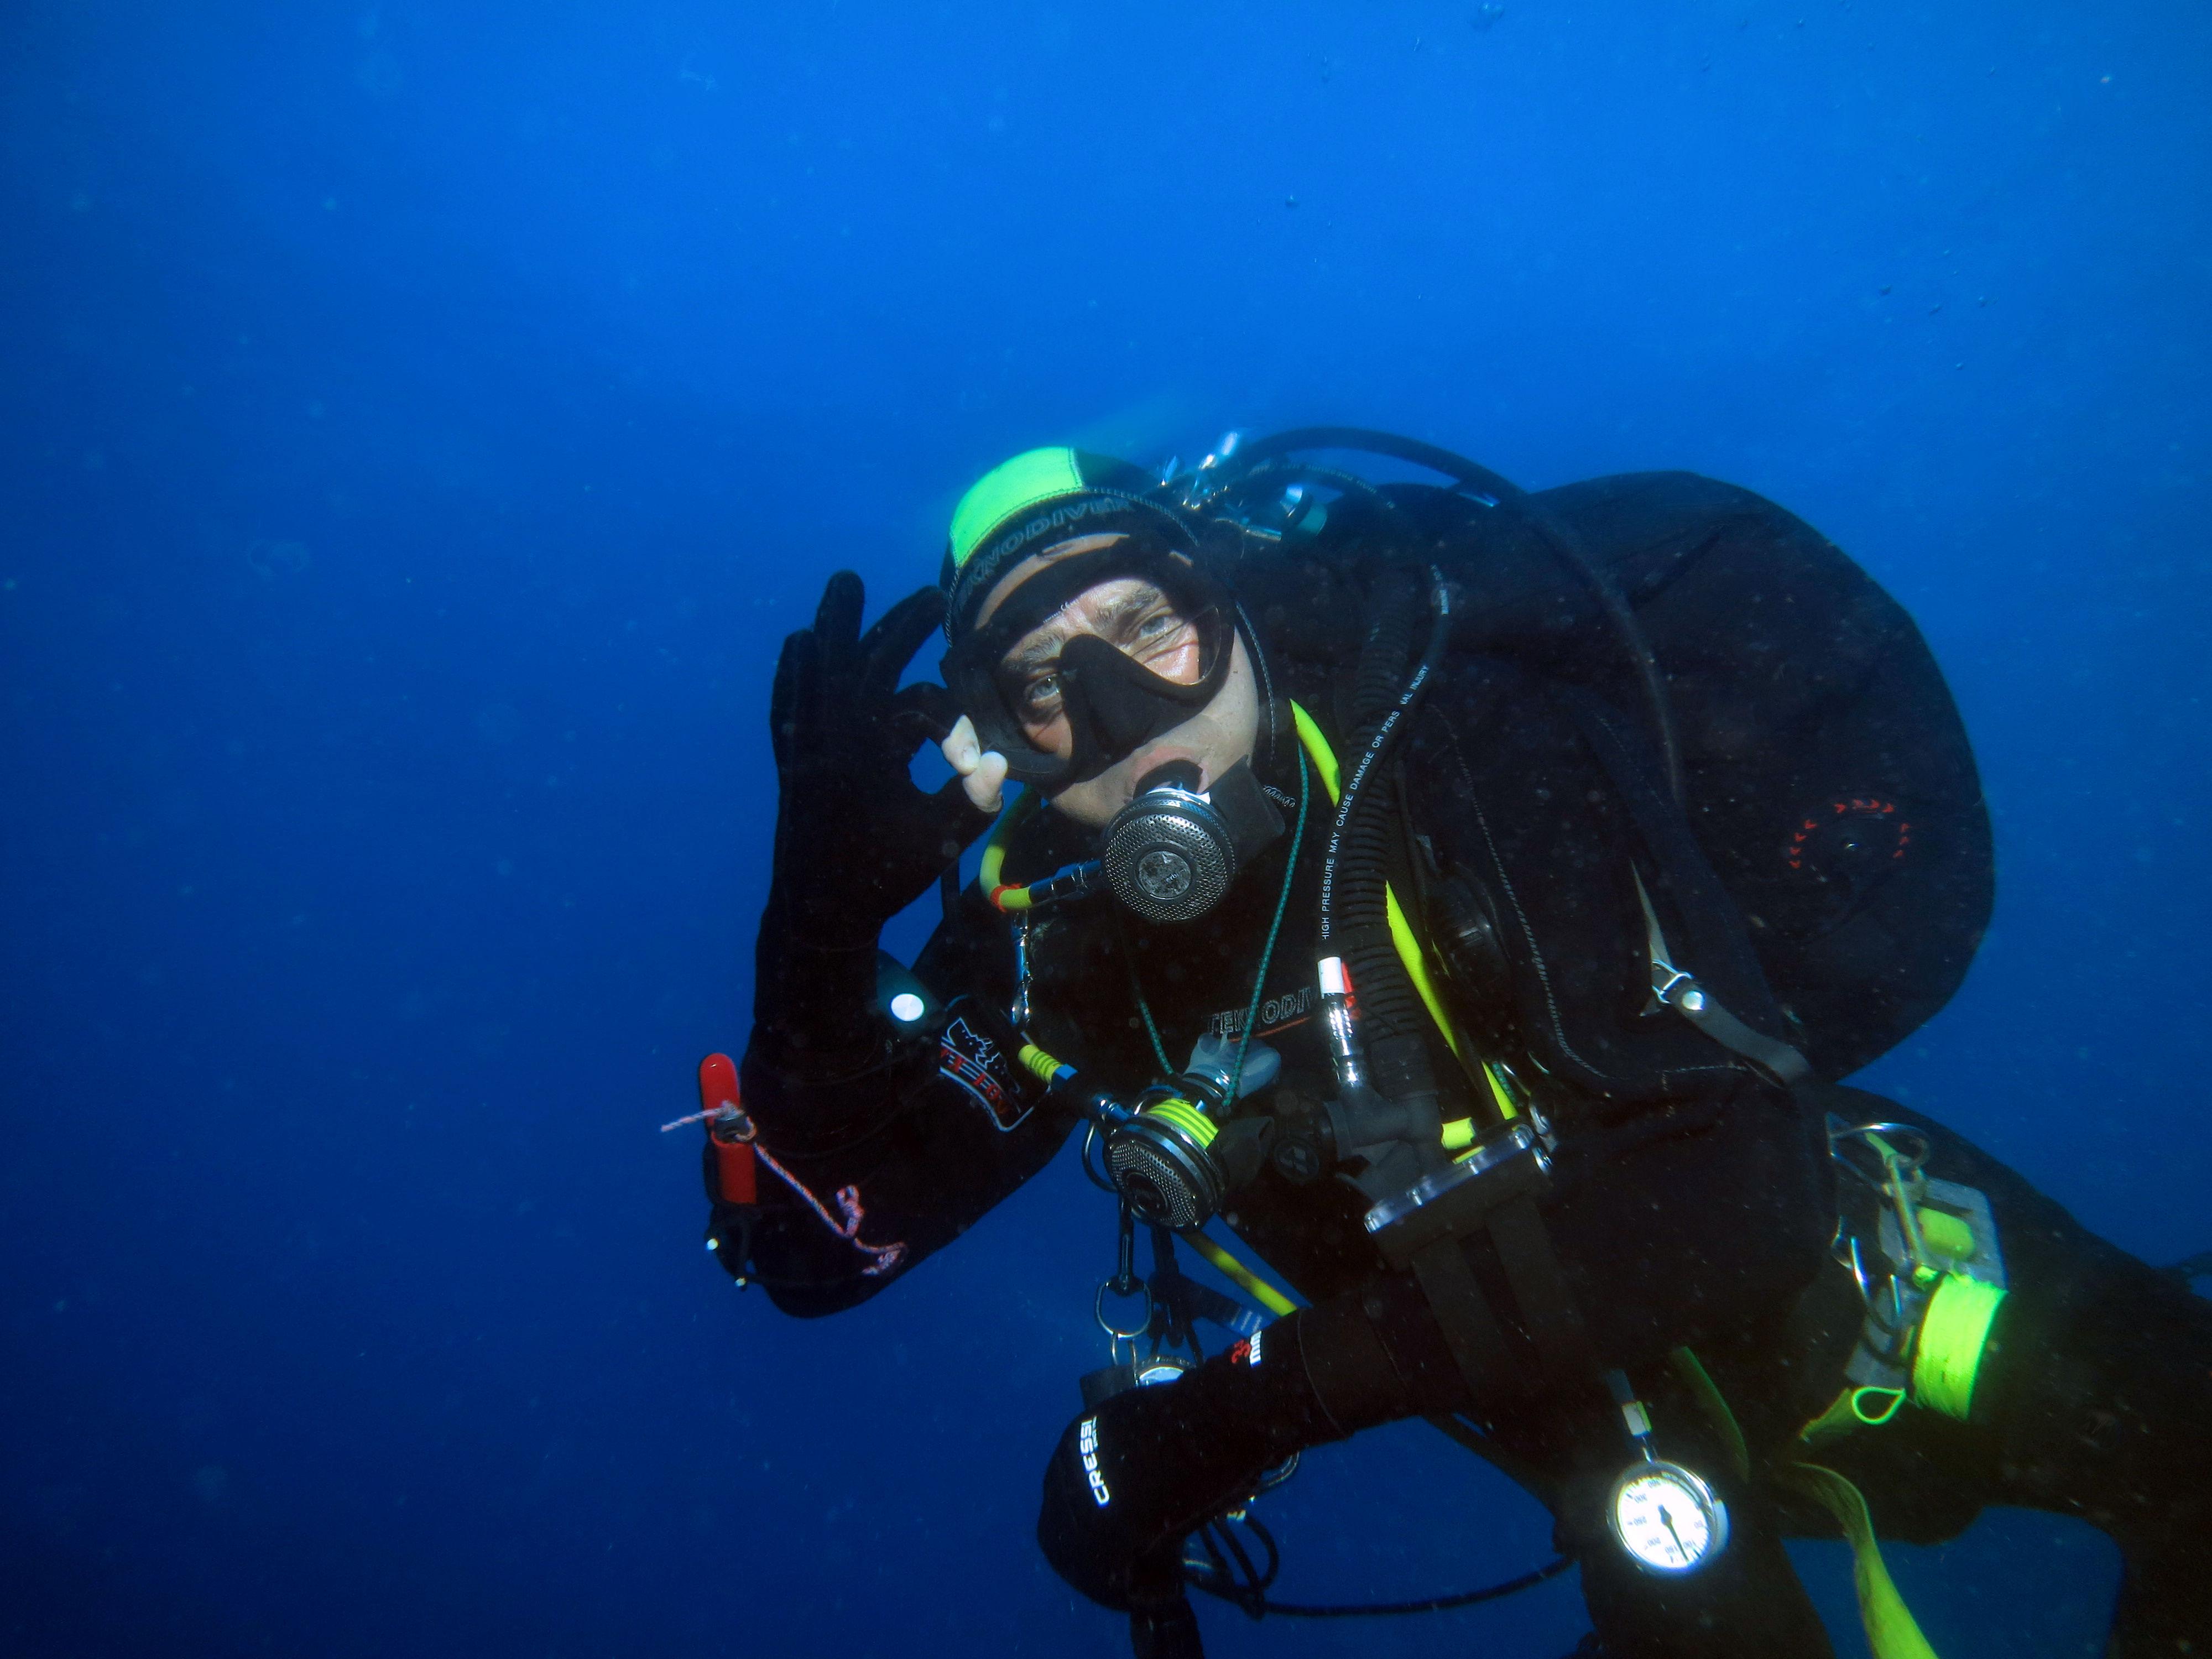 Aggiornamento sulla Normativa di riferimento per le attività subacquee edito da Guardia costiera italiana